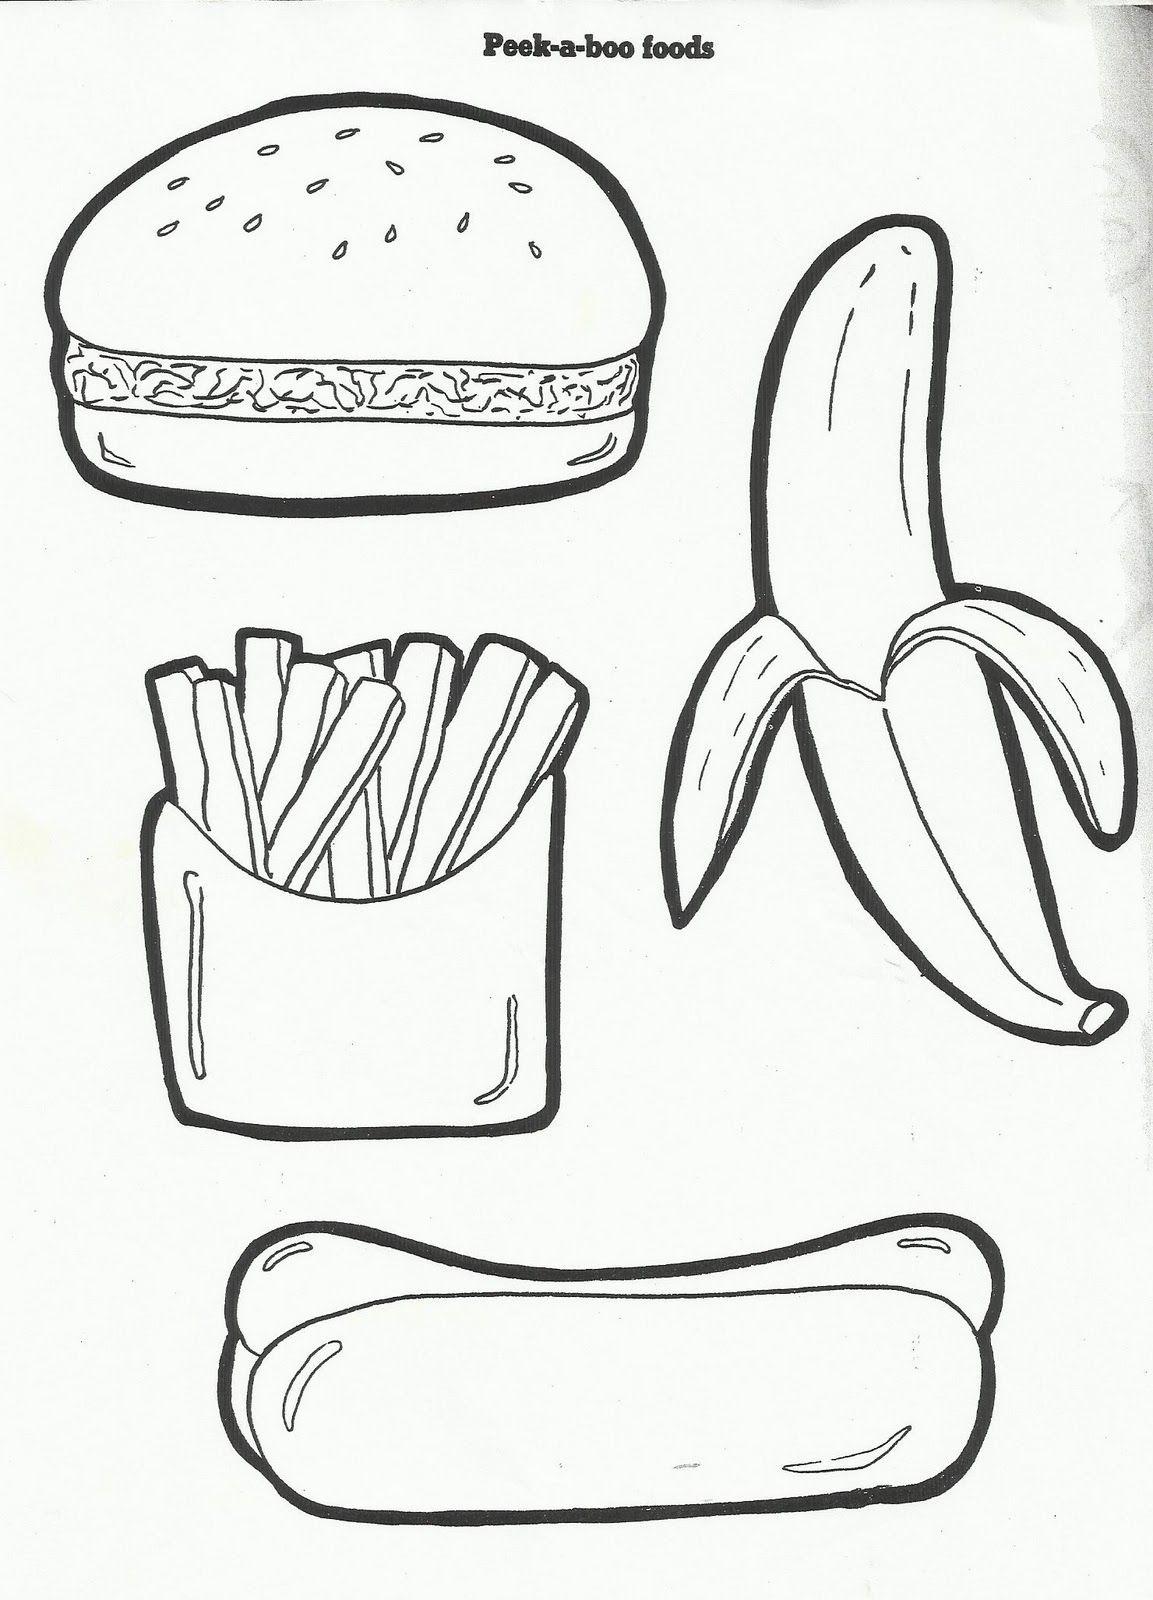 Squish Preschool Ideas: FOOD: teach nutrition & good